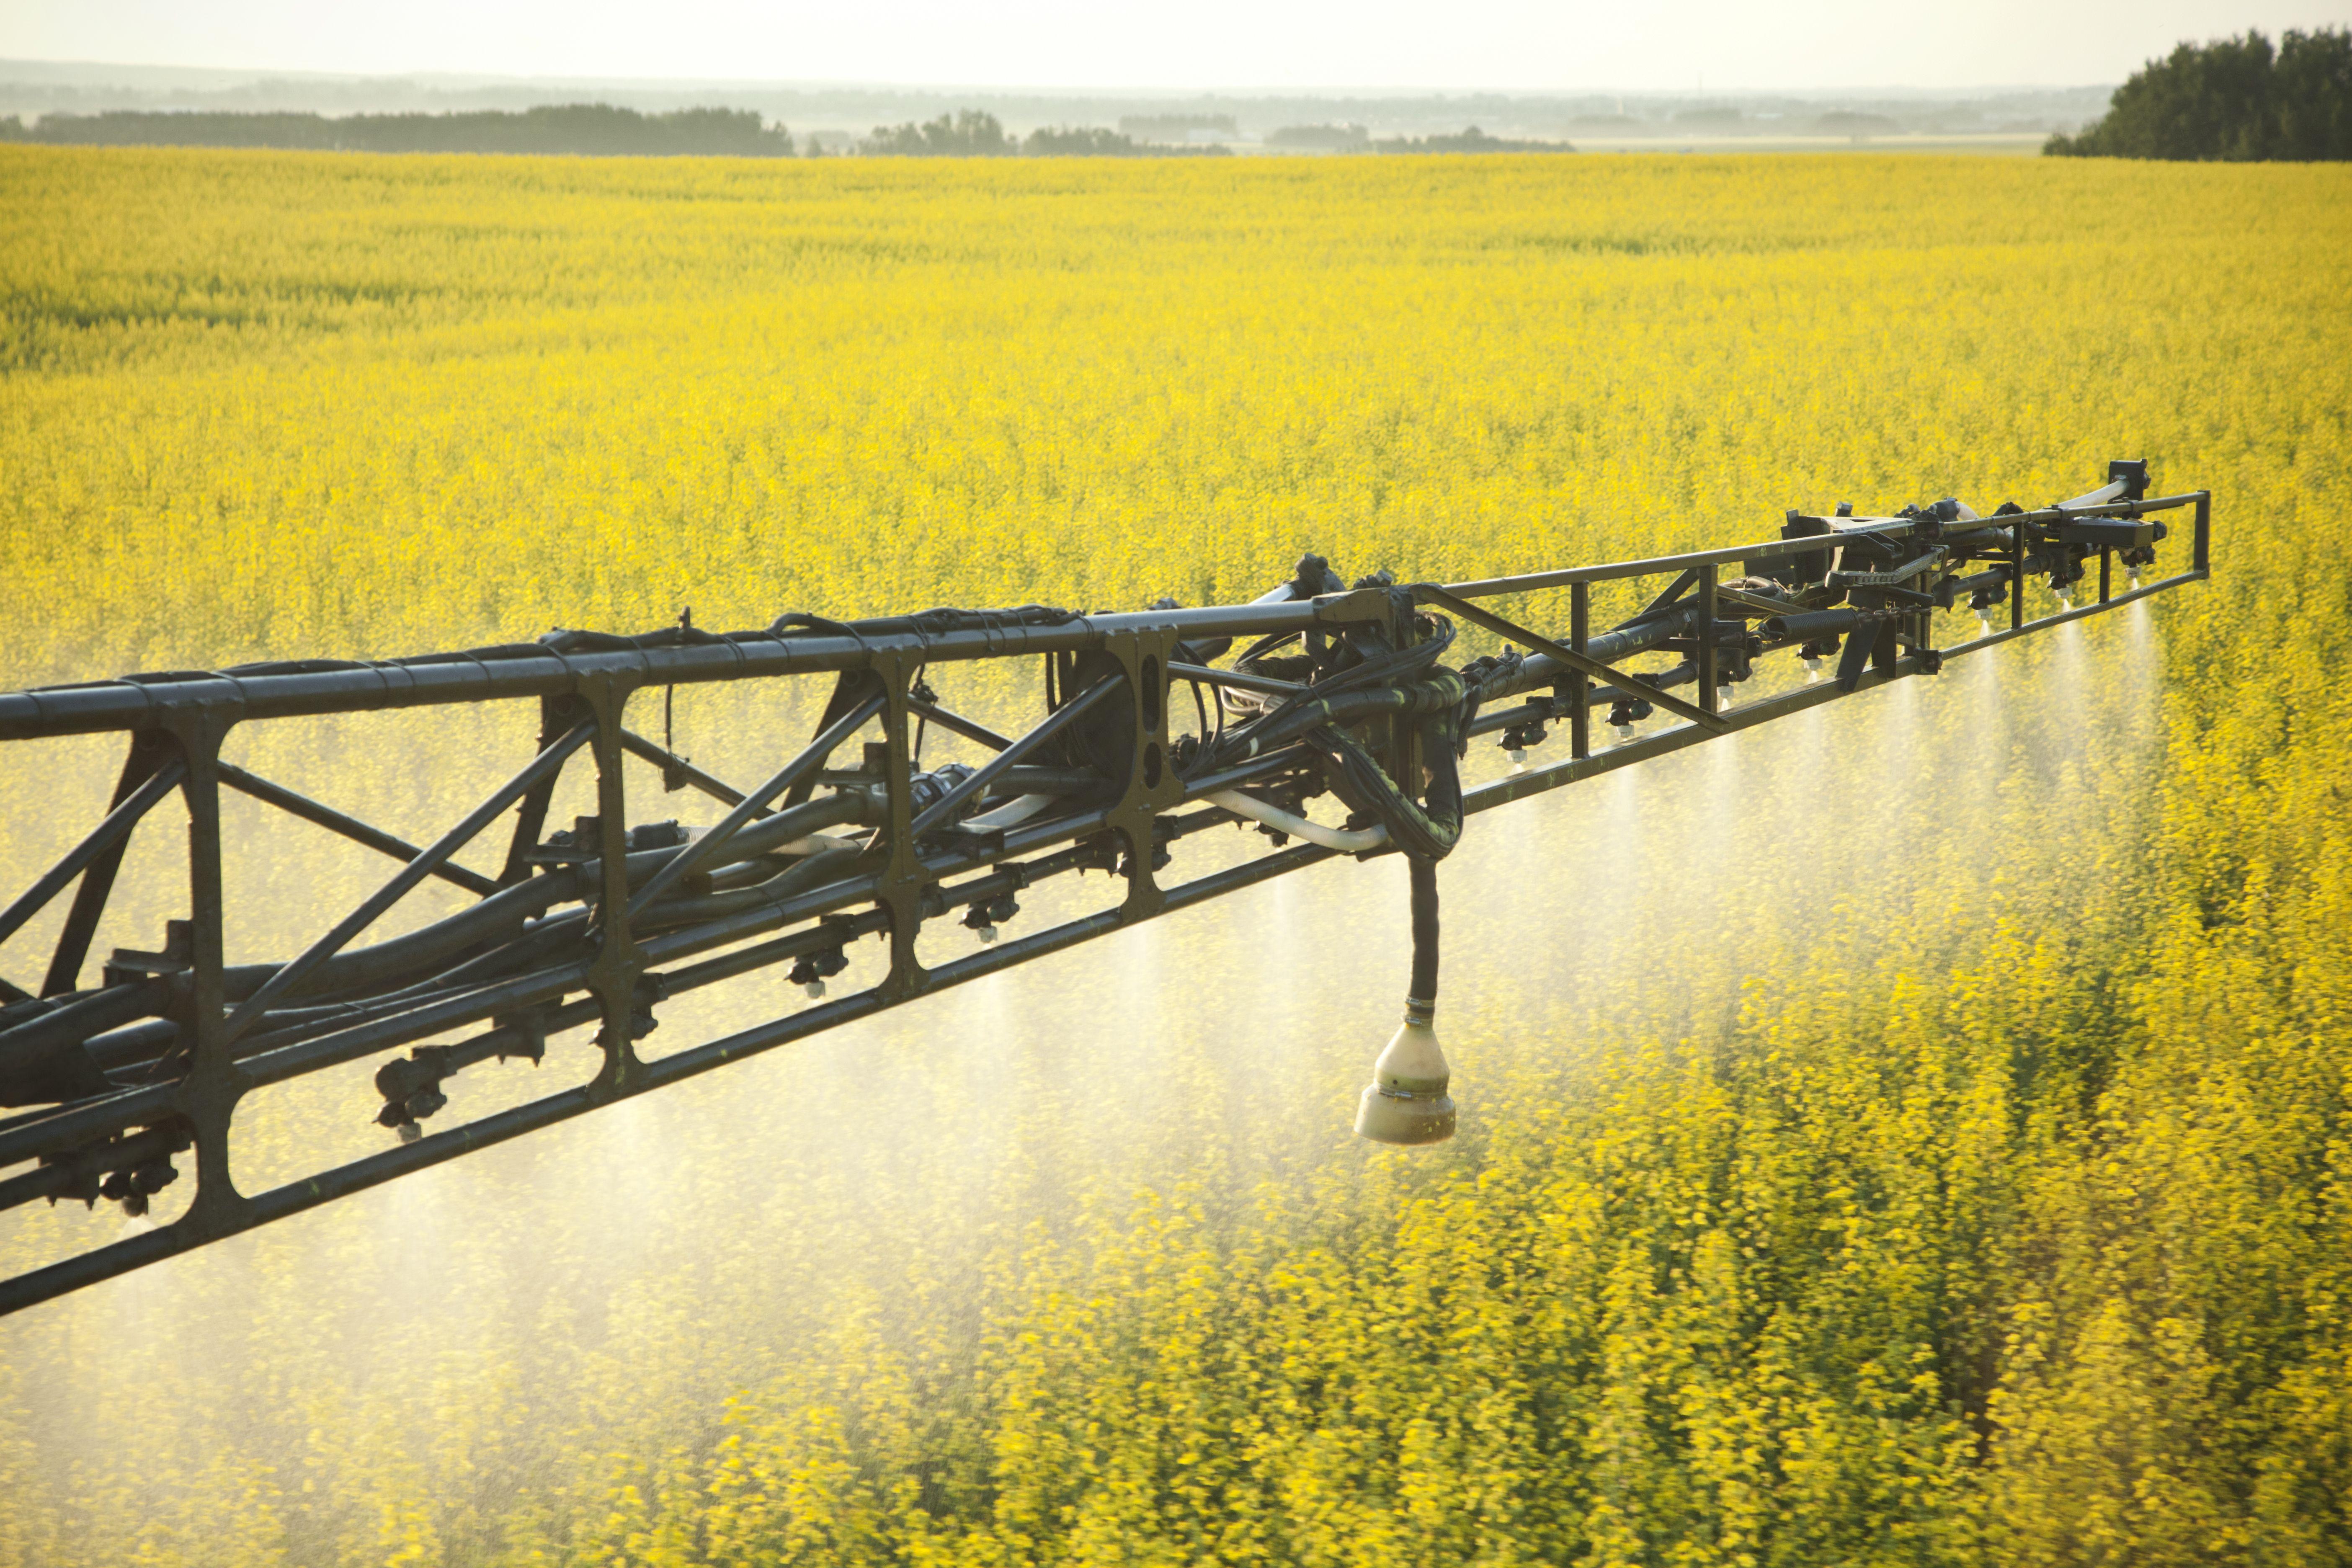 Liberação de pesticidas no Brasil